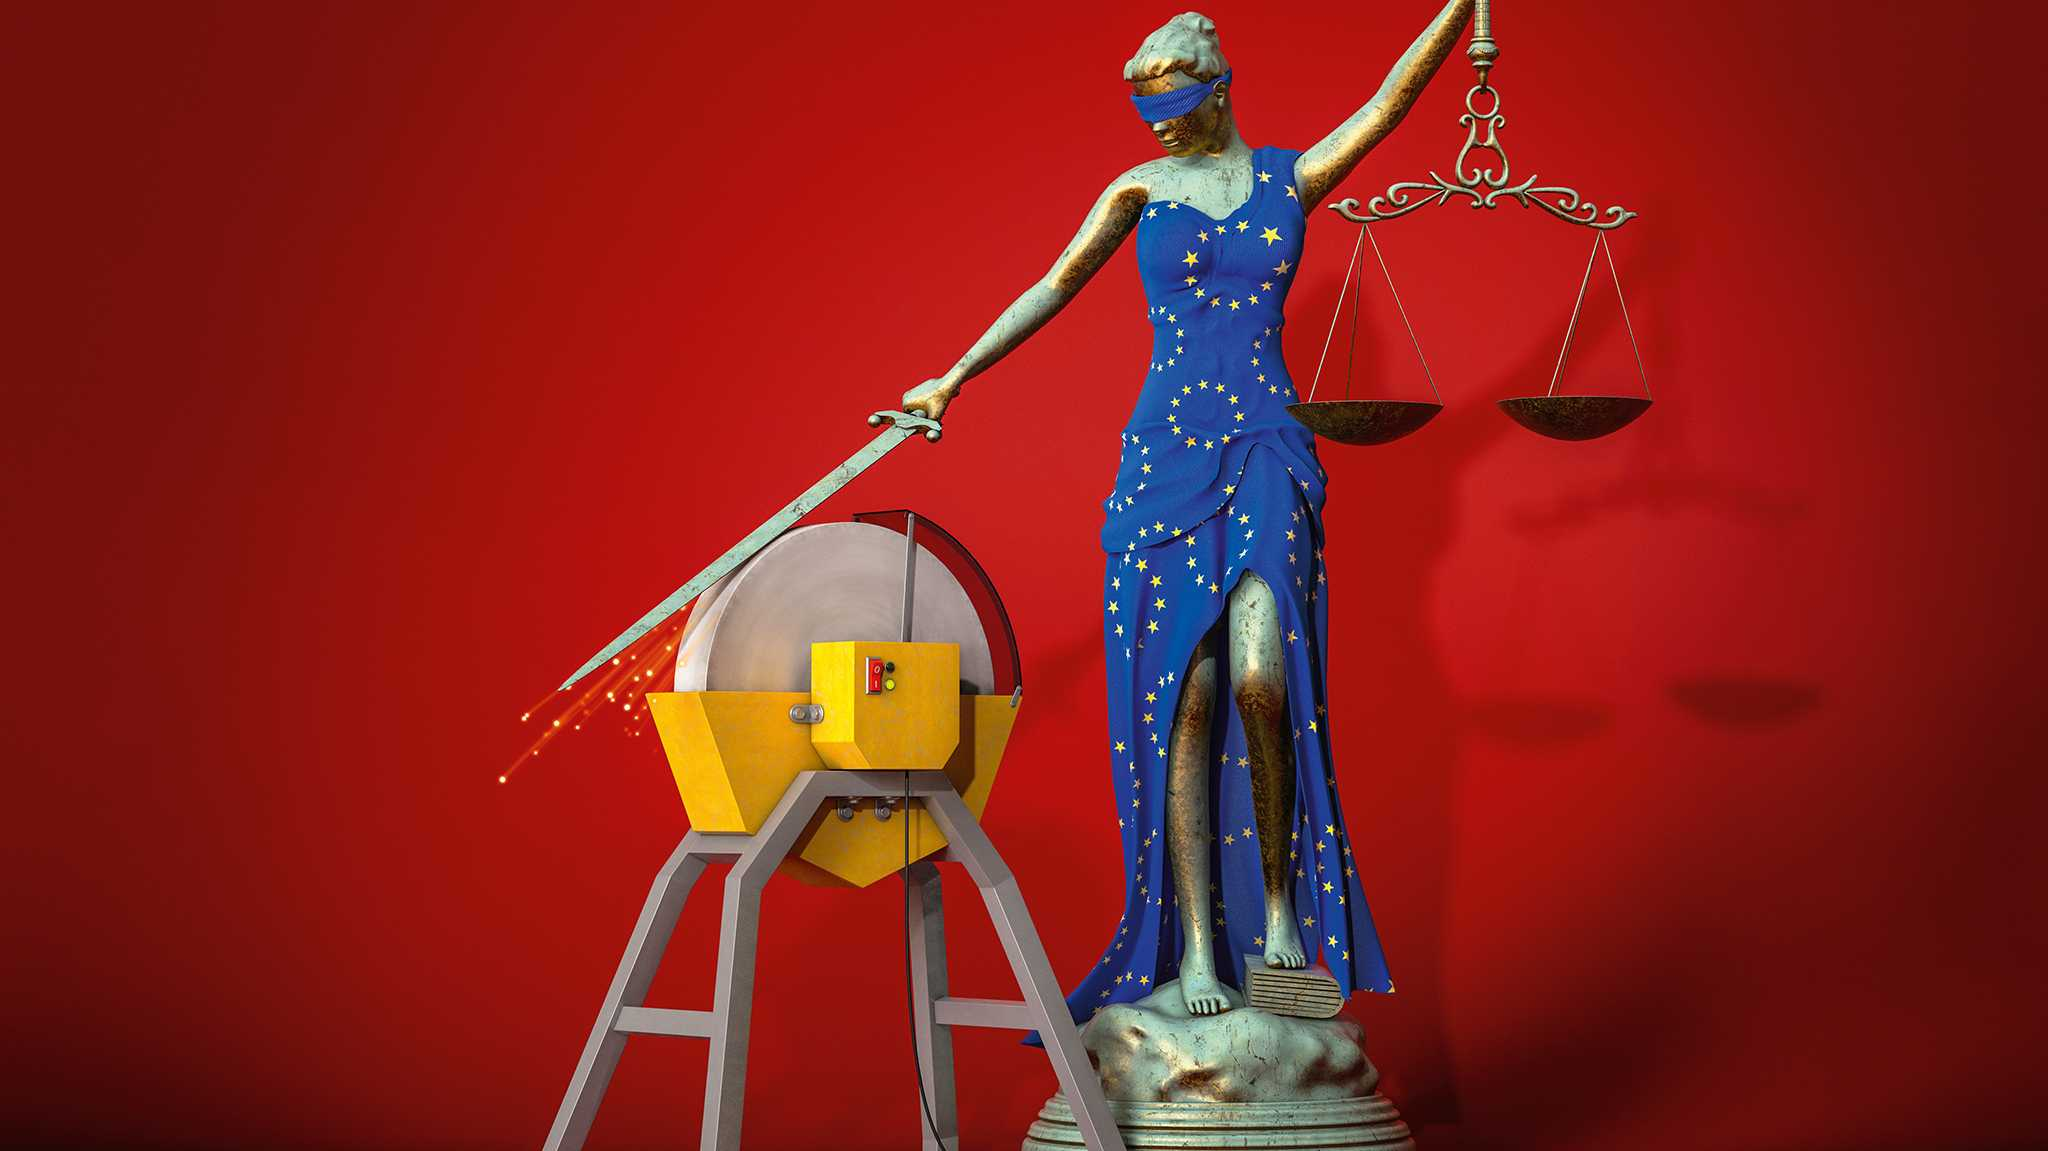 nachgehakt: Datenschutzgrundverordnung